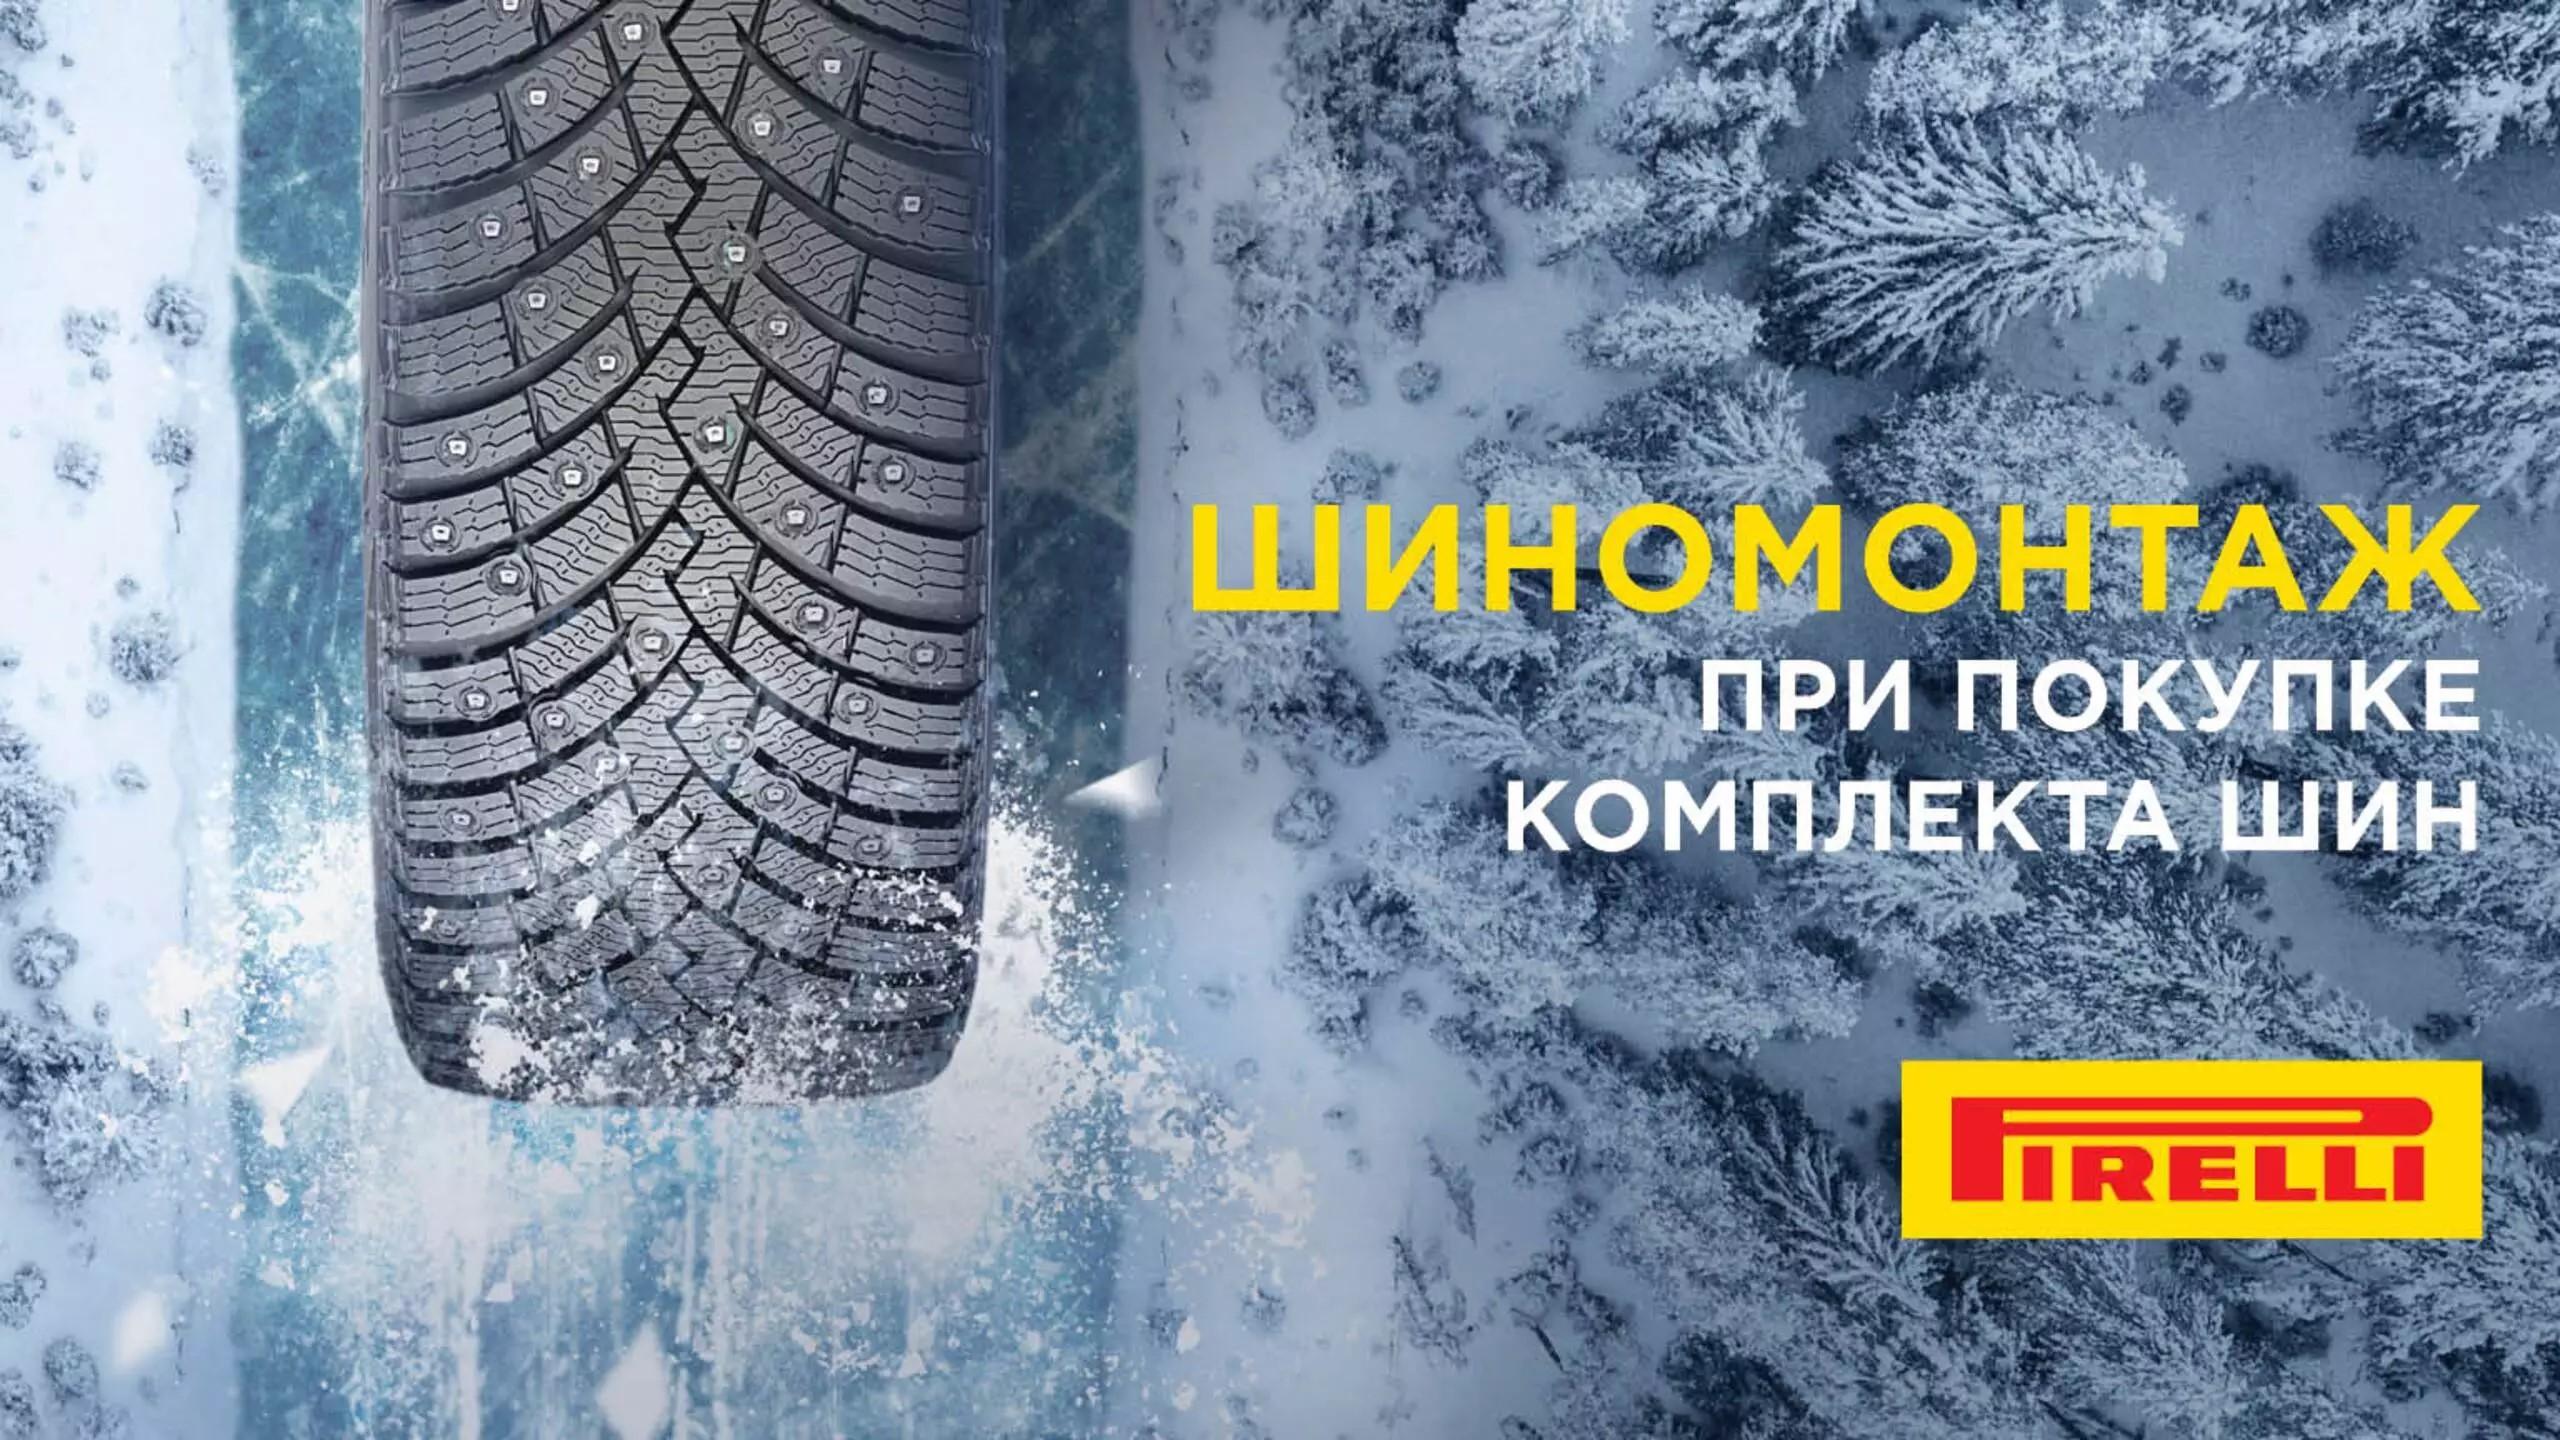 Шиномонтаж при покупке комплекта зимних шин Pirelli, Formula⁴